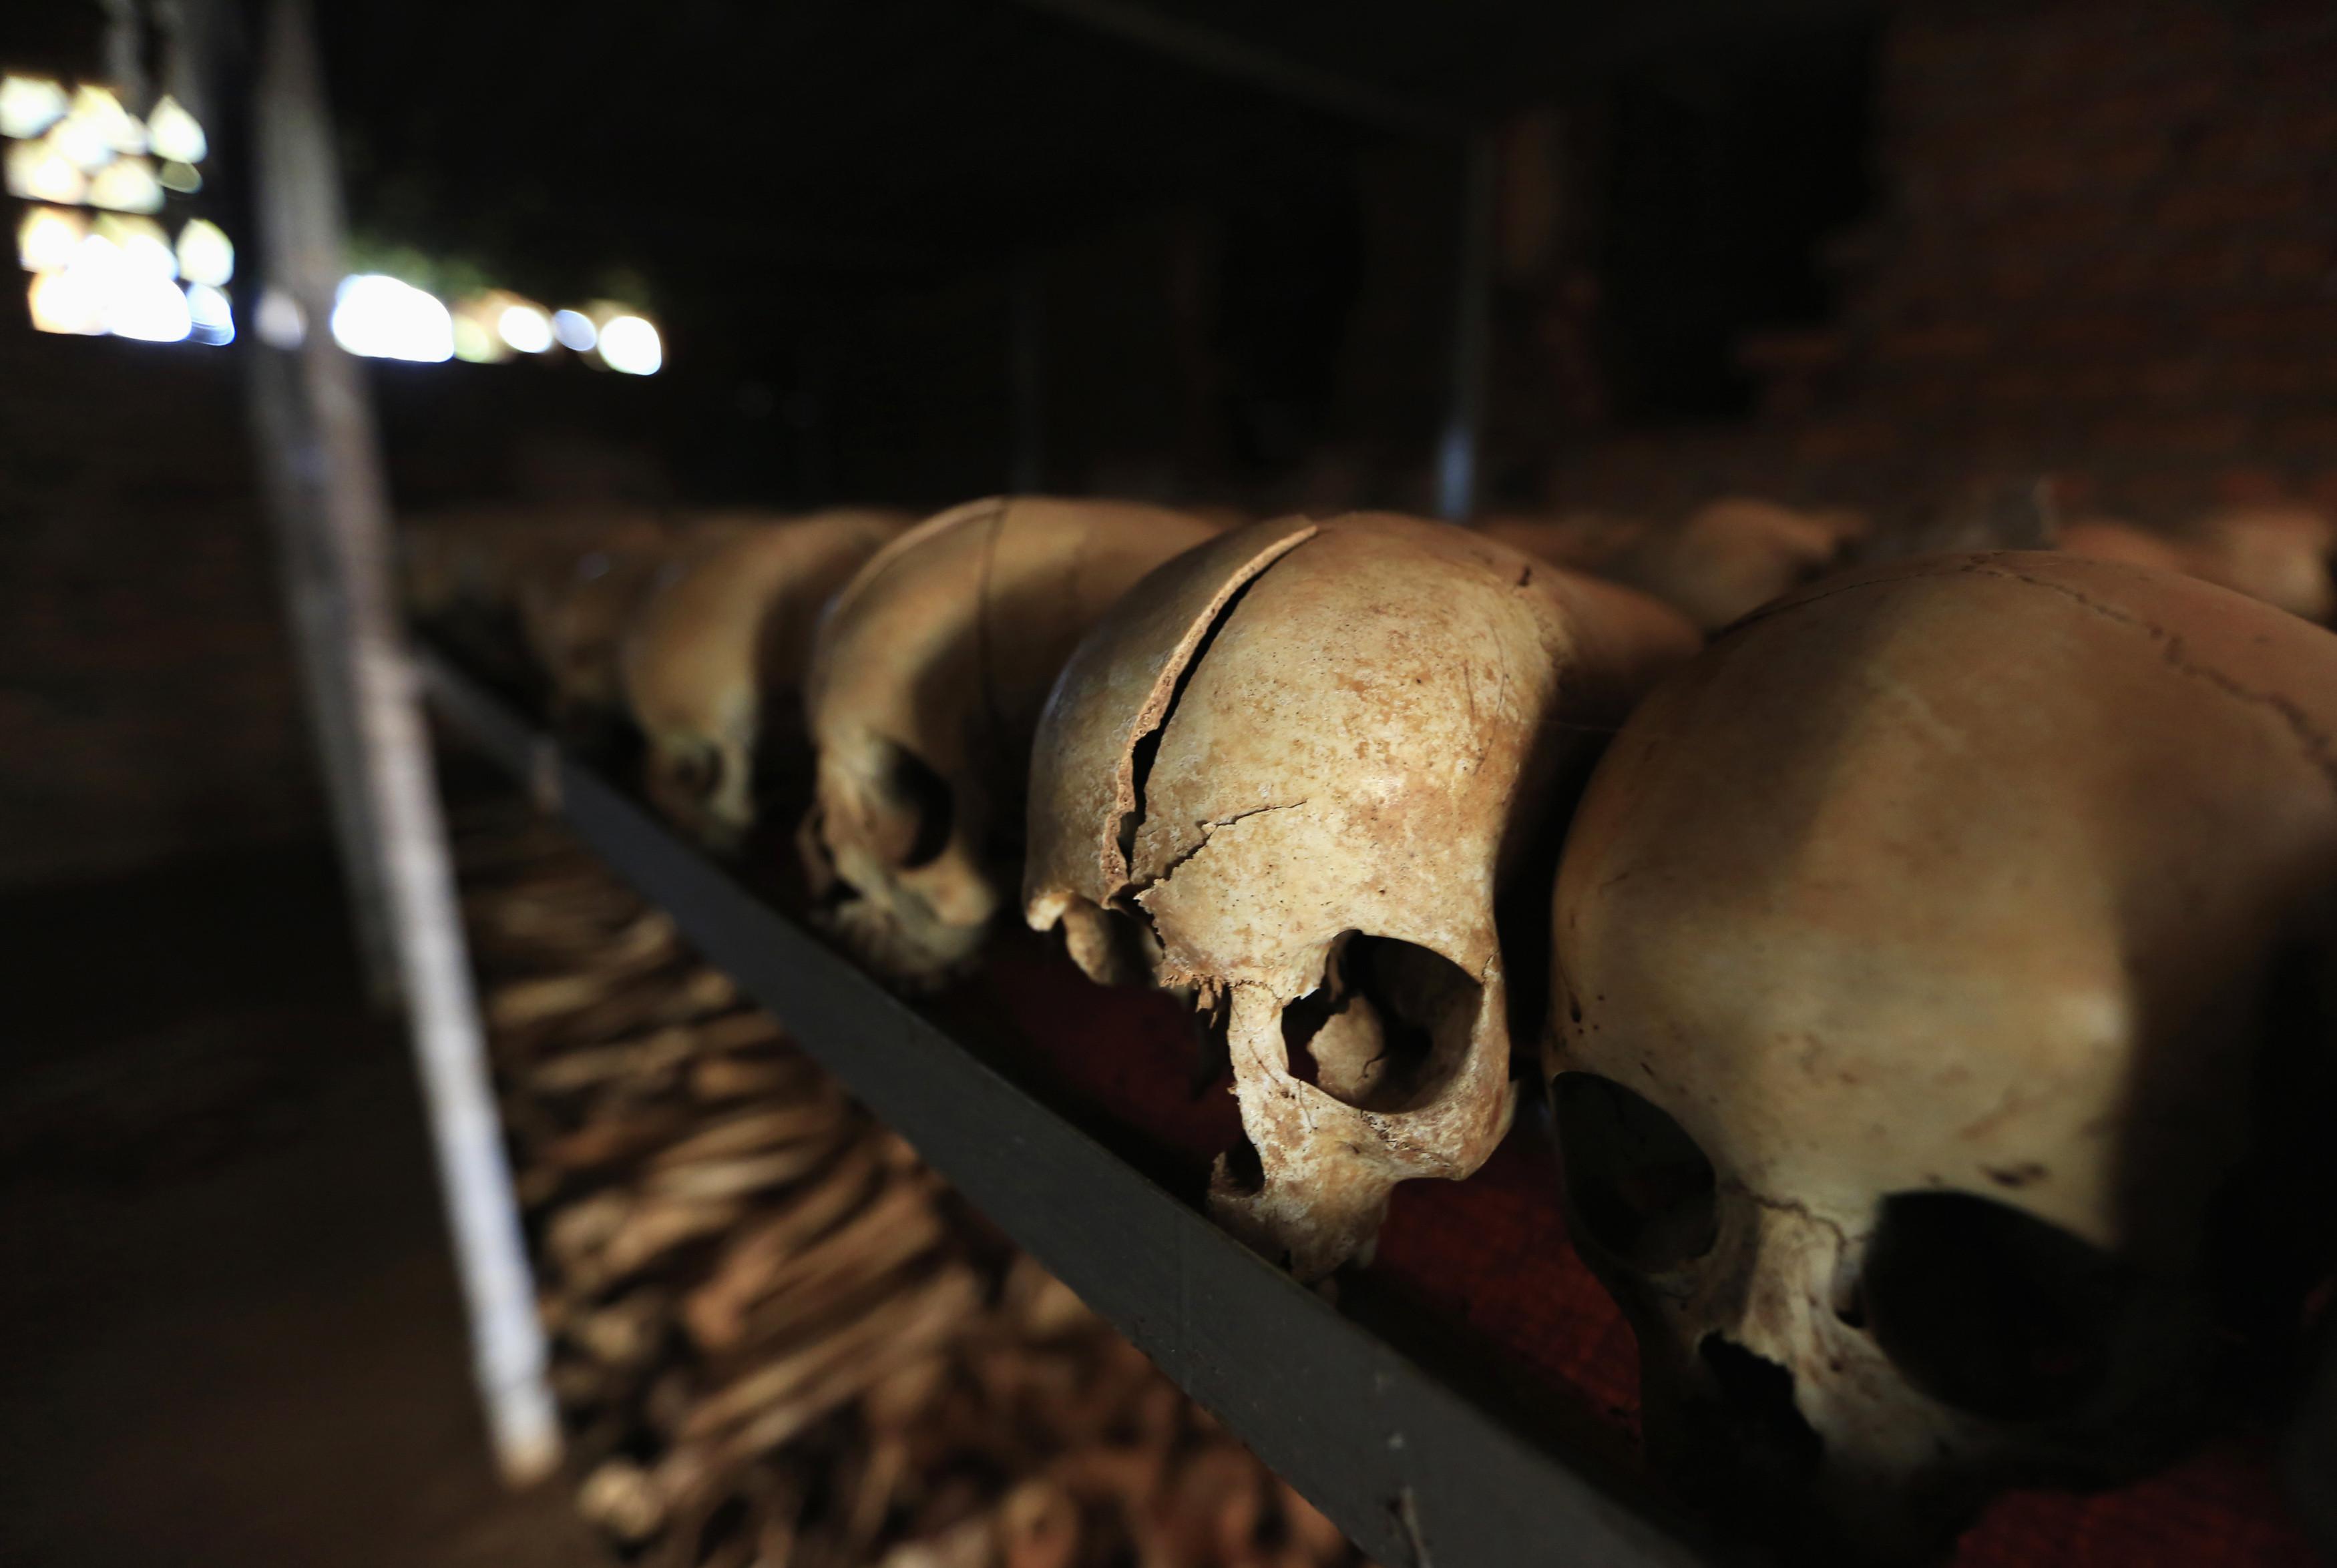 25 anos após o genocídio, o Ruanda já não é o que era. E ainda bem